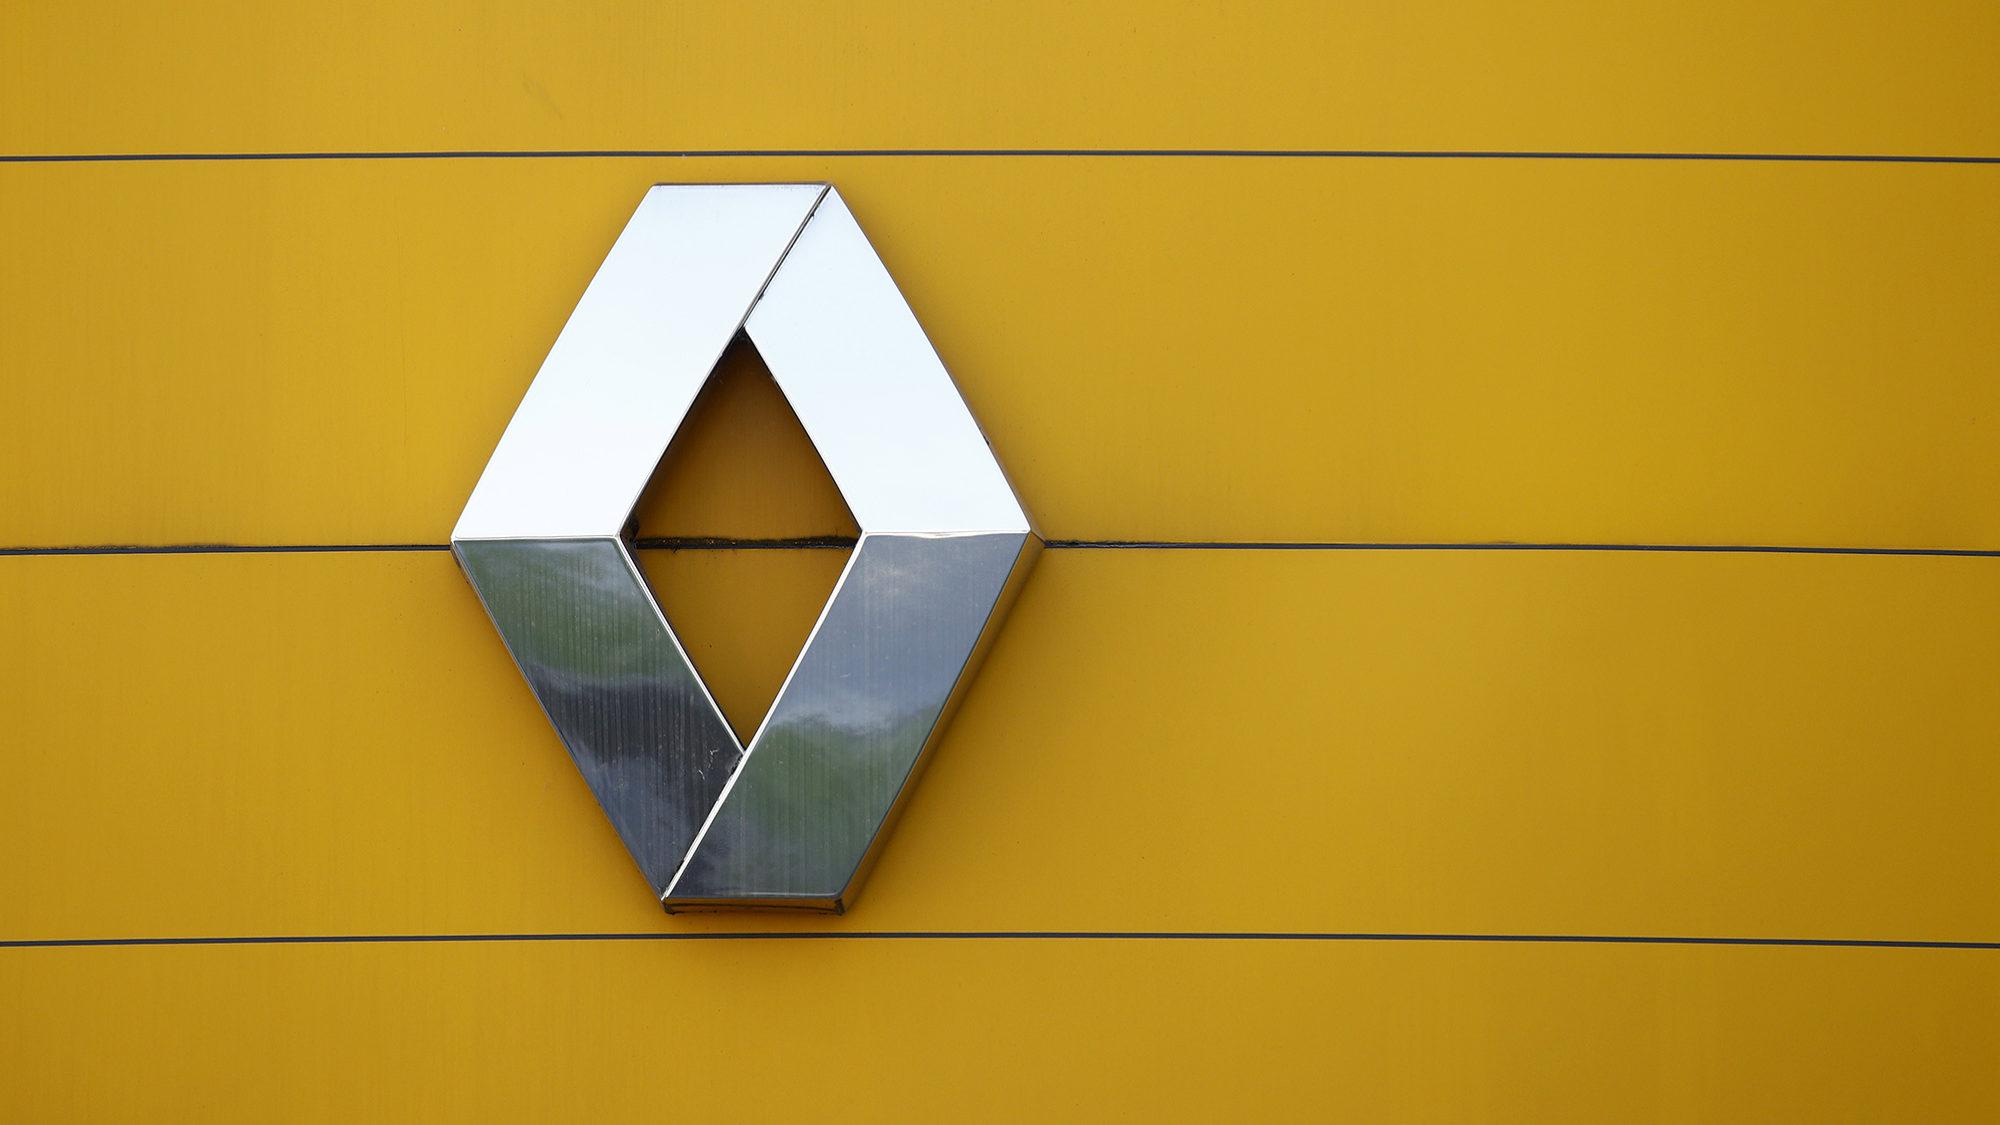 Receitas da Renault afundam 26,8% com fatura da pandemia